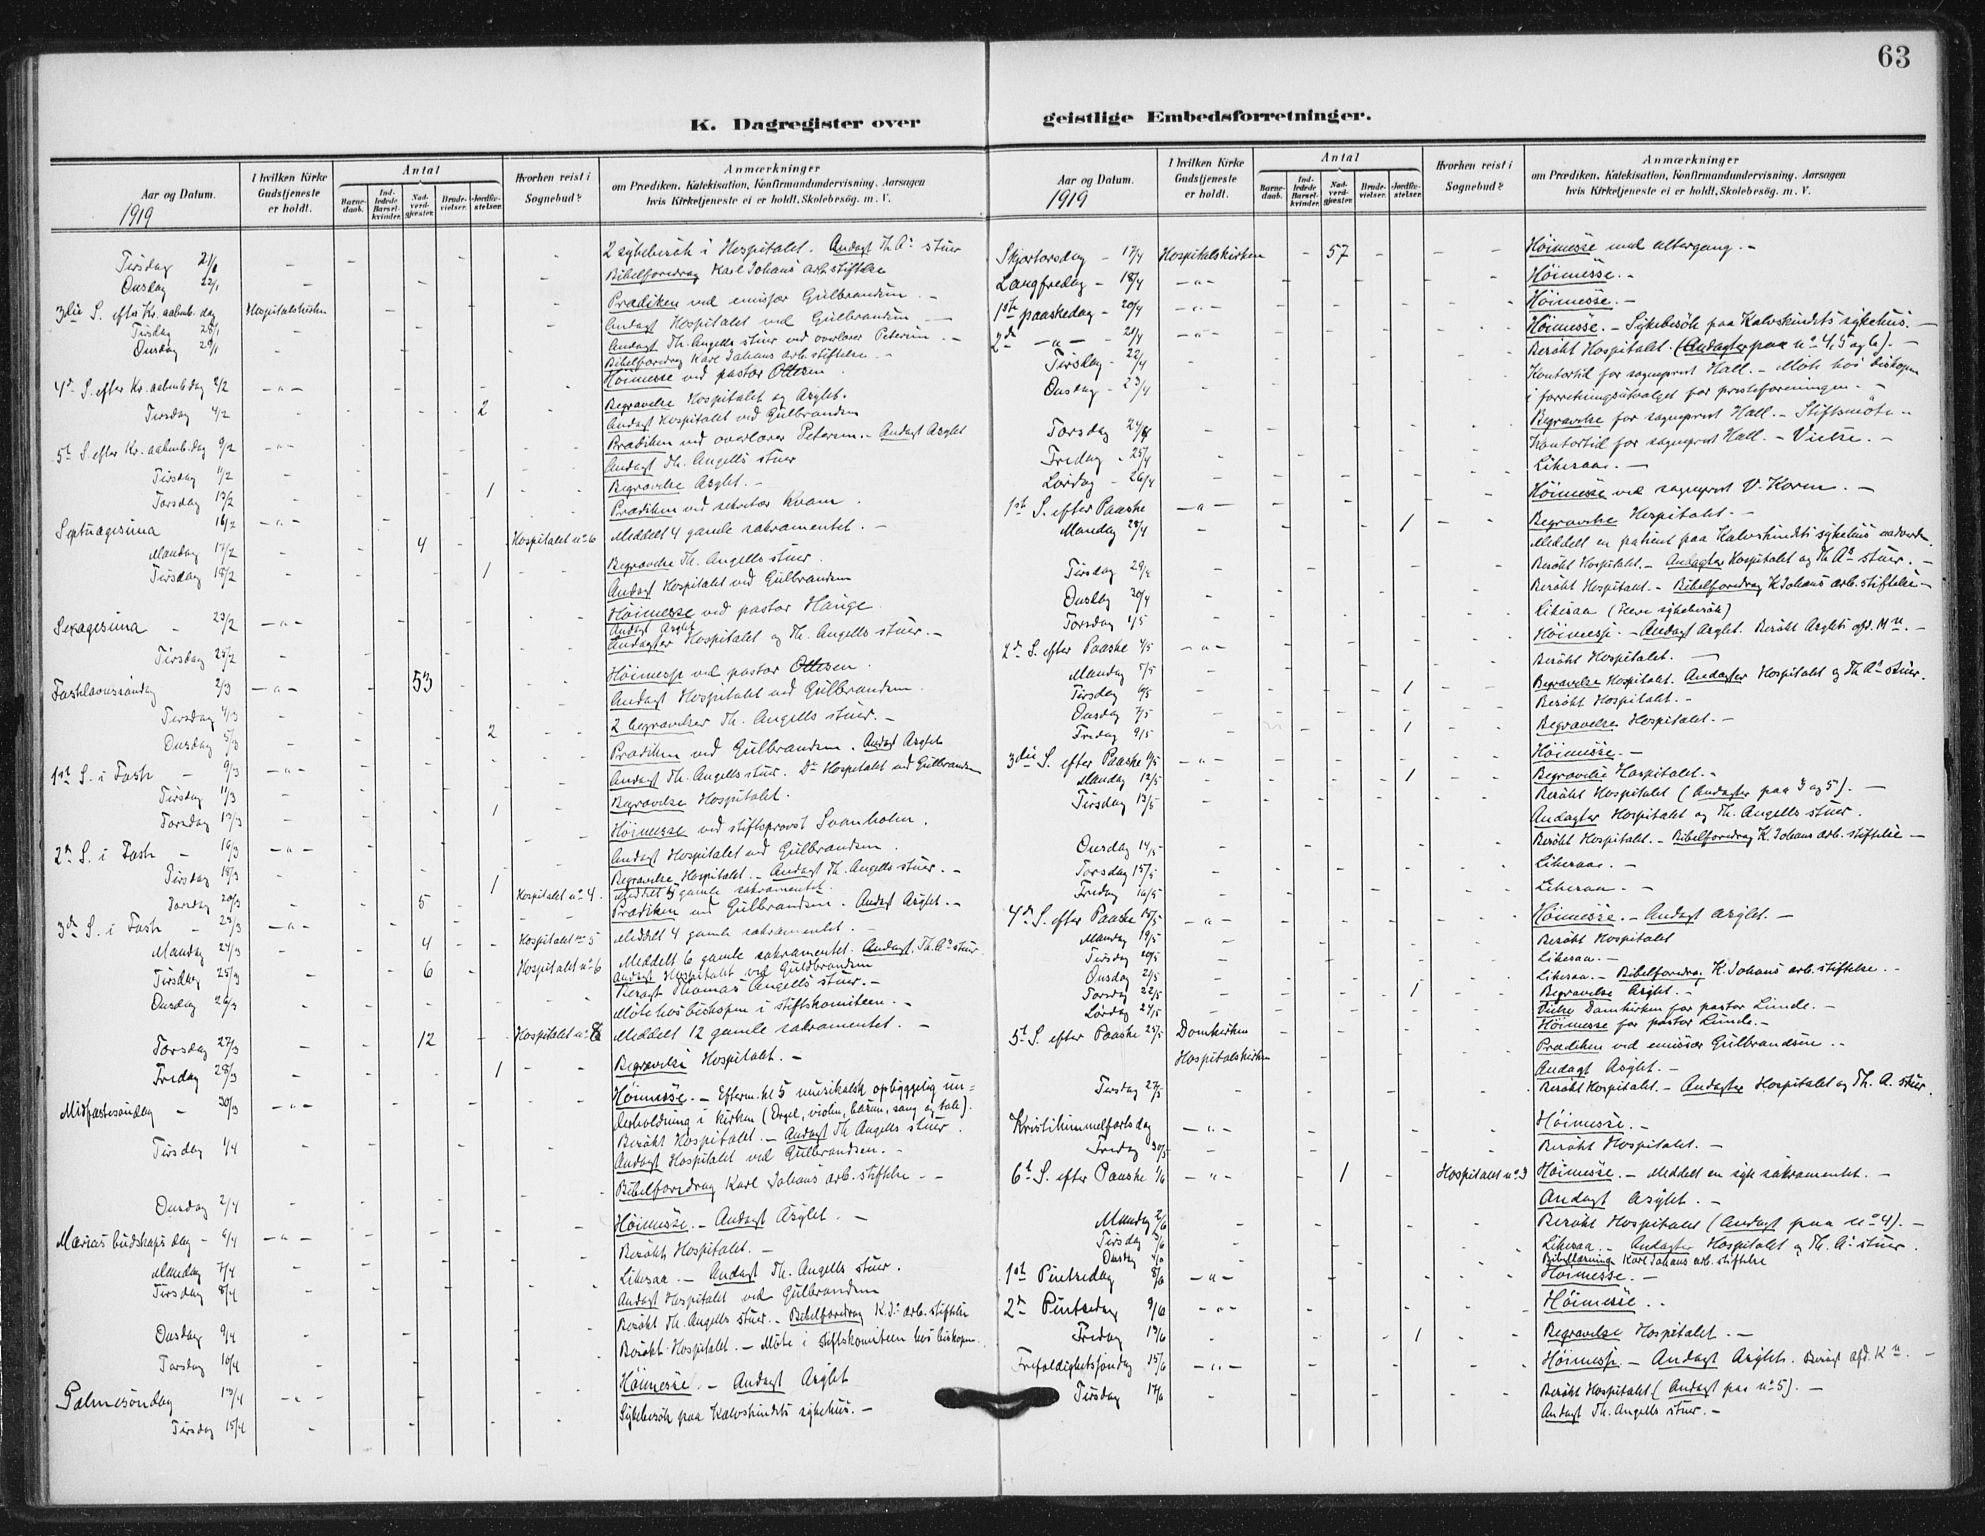 SAT, Ministerialprotokoller, klokkerbøker og fødselsregistre - Sør-Trøndelag, 623/L0472: Ministerialbok nr. 623A06, 1907-1938, s. 63